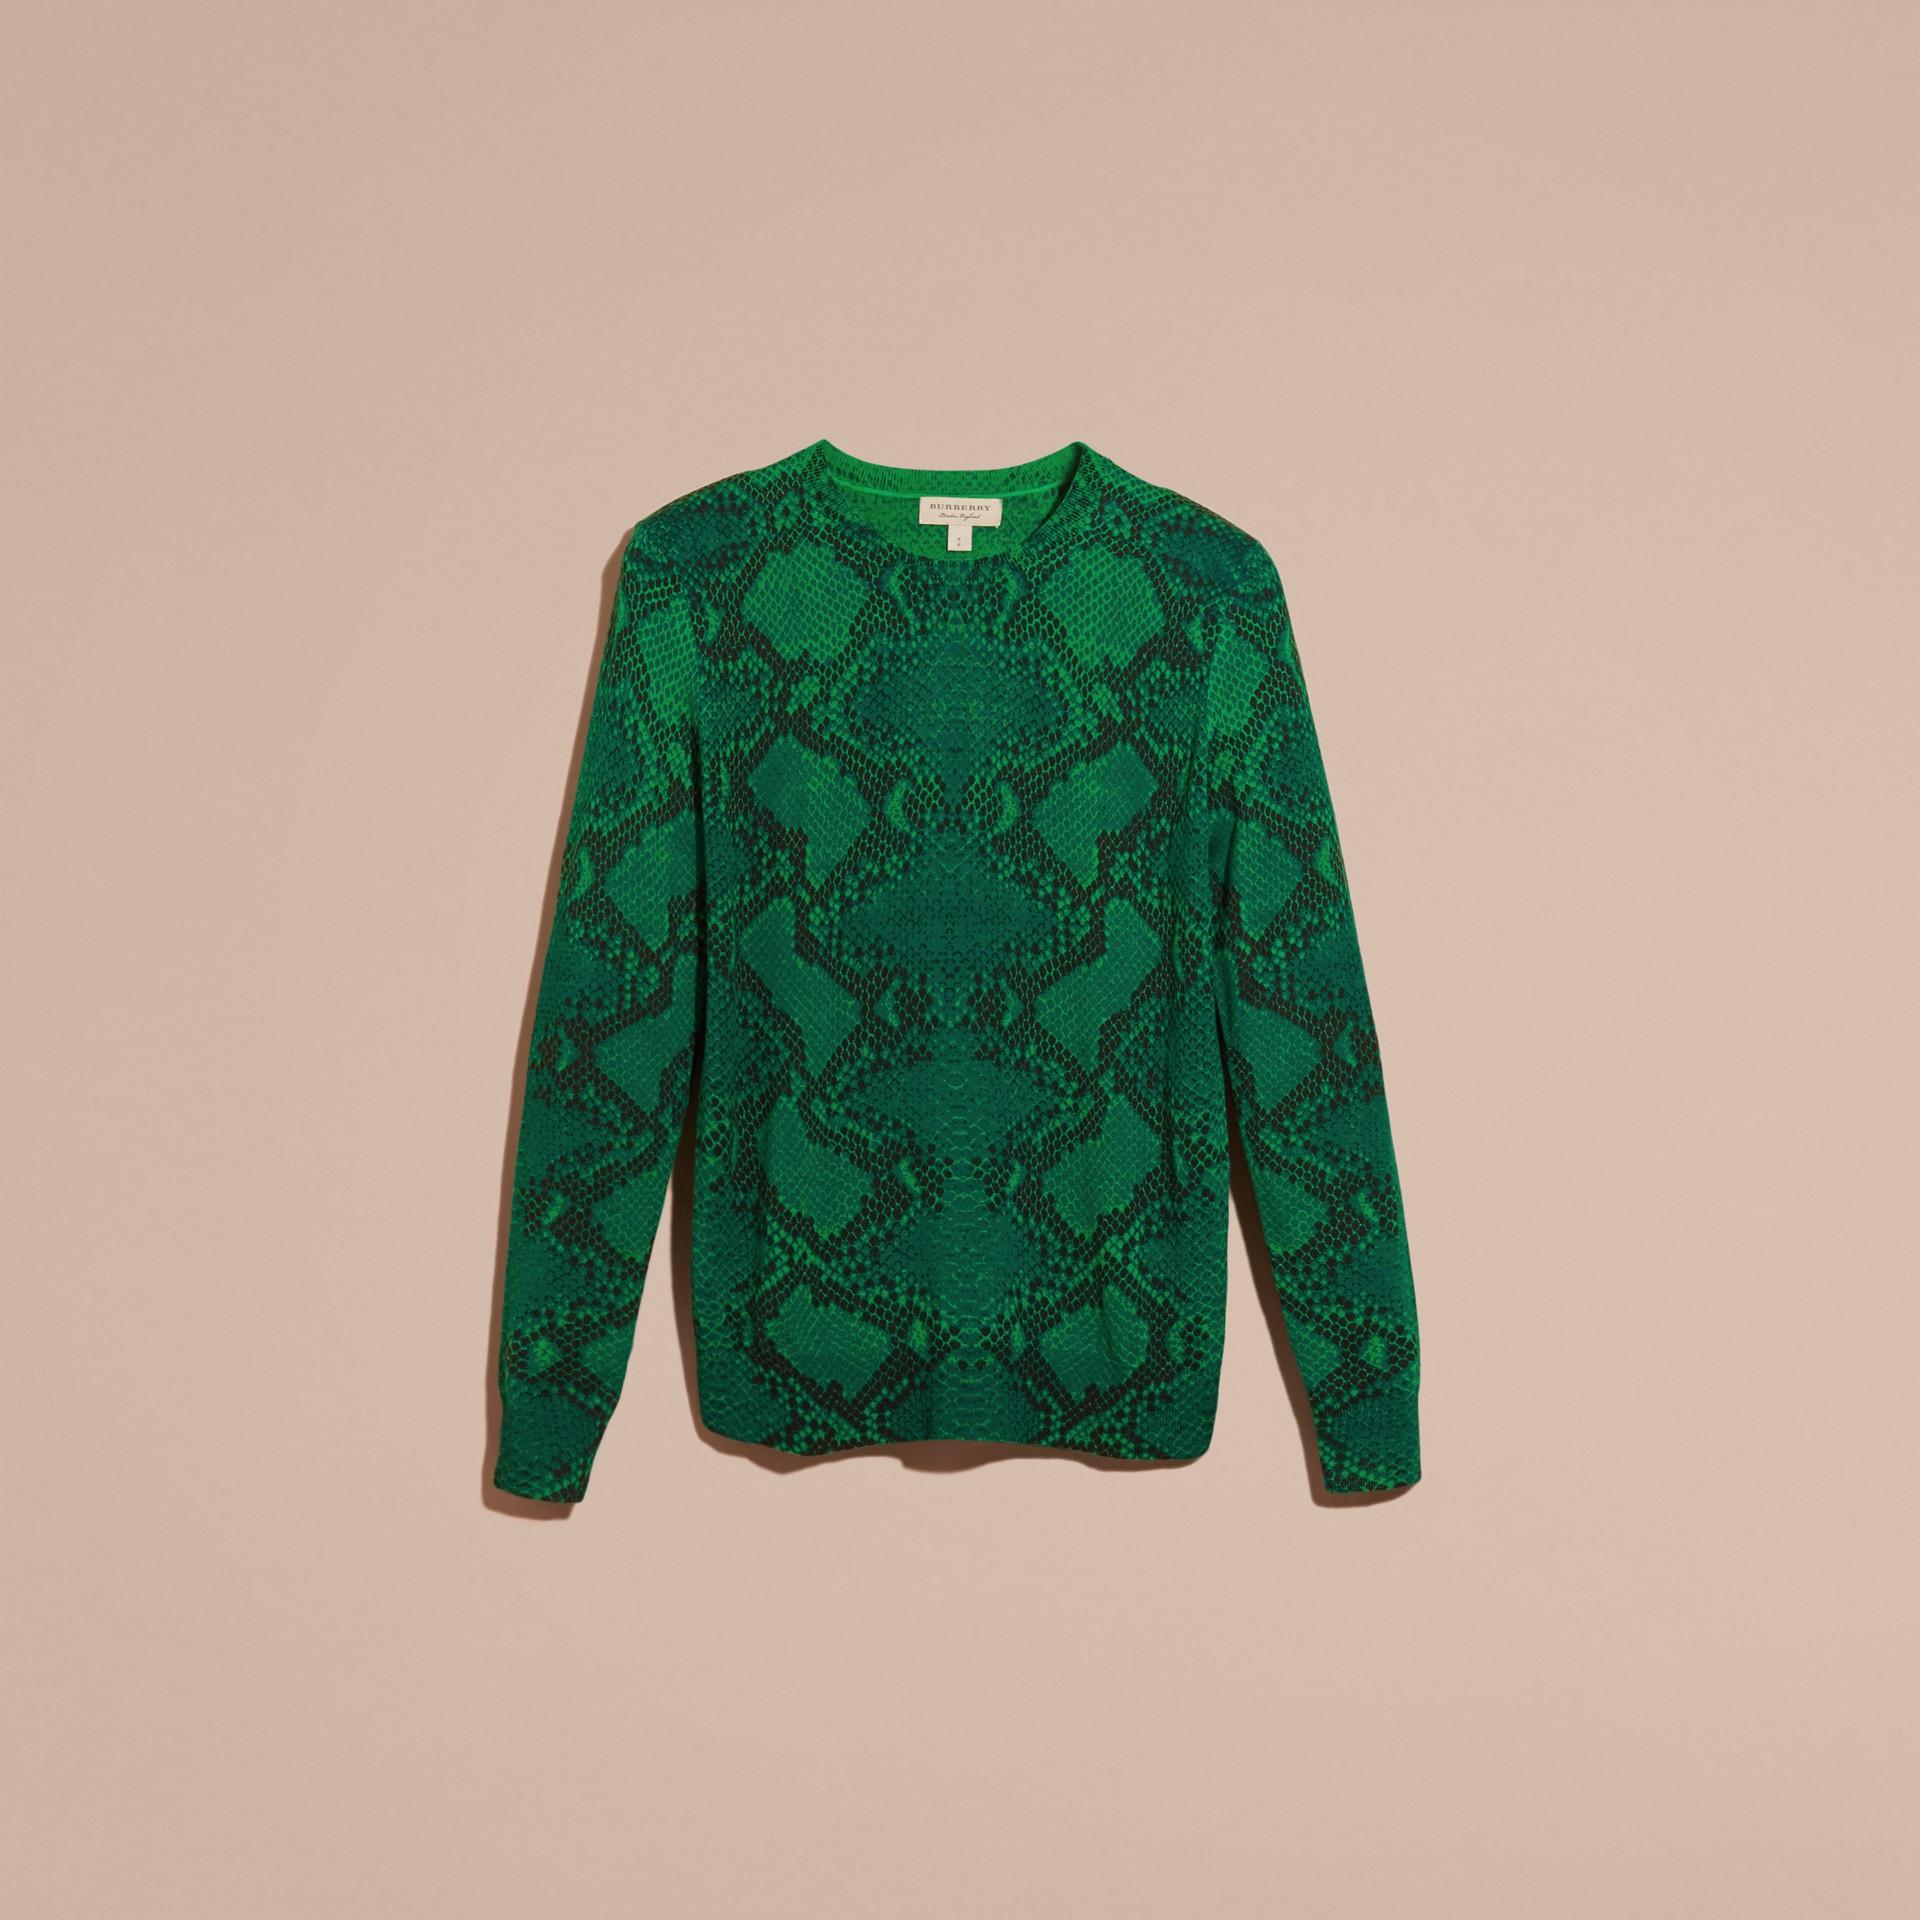 顏料綠 格紋裝飾蟒紋美麗諾羊毛套頭衫 顏料綠 - 圖庫照片 4